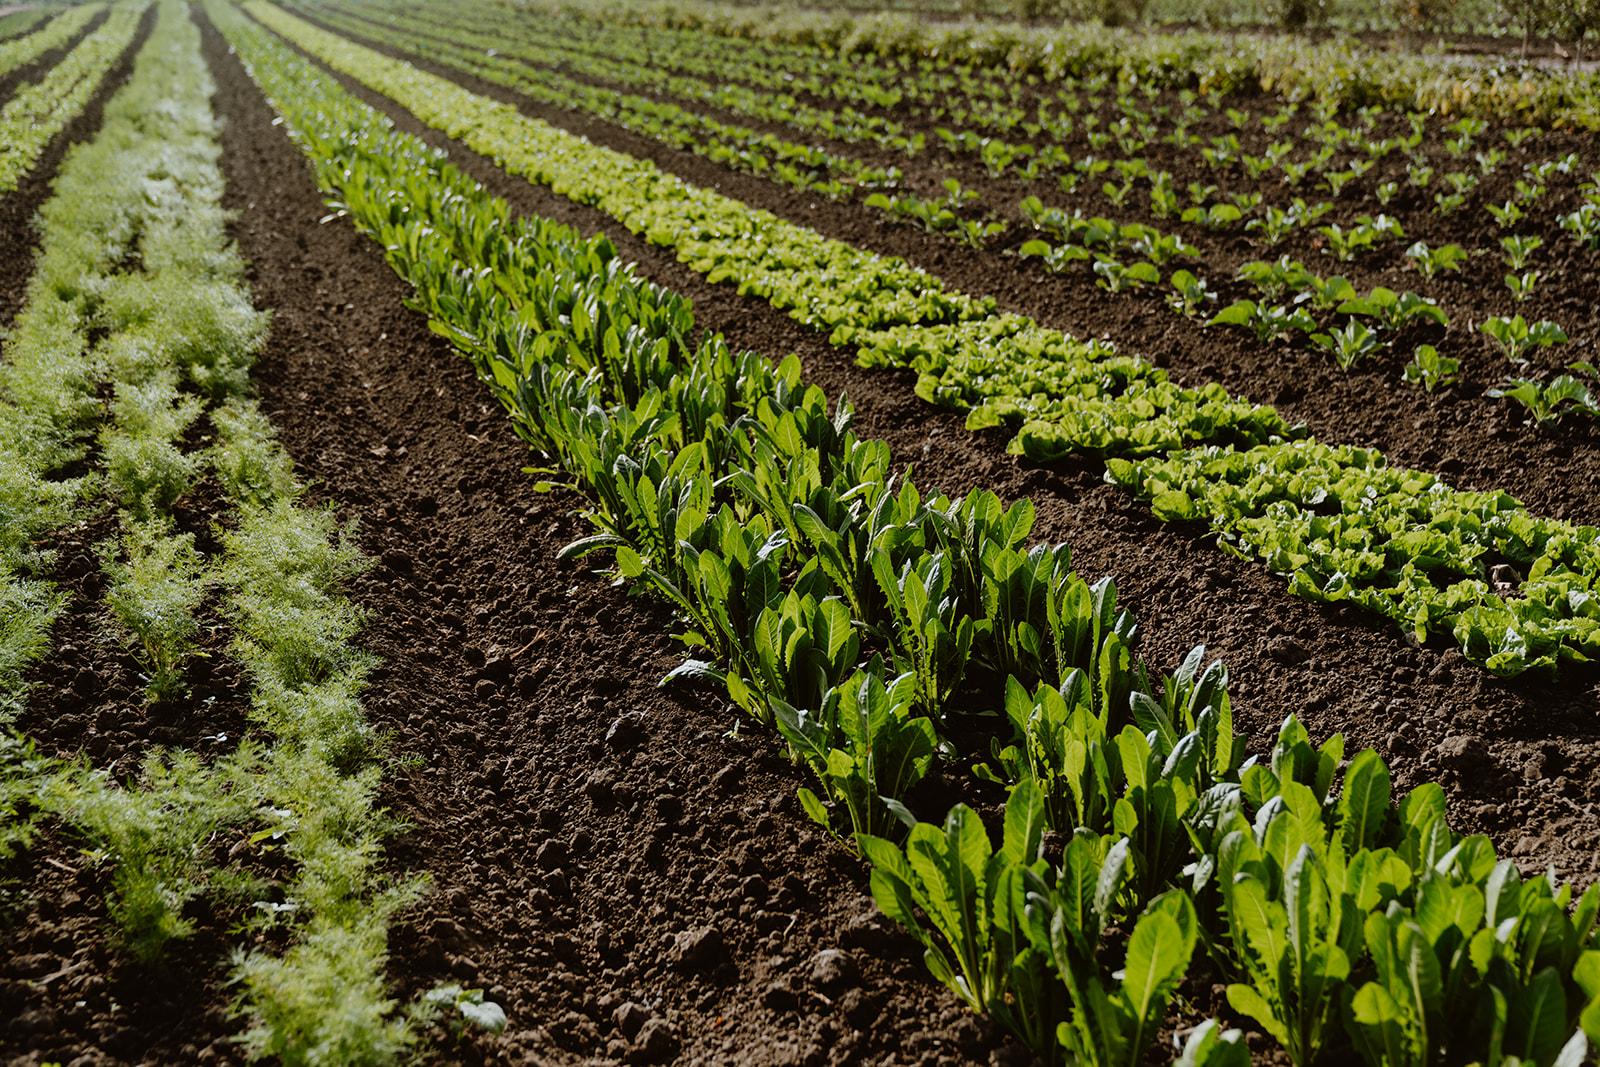 Rows of greens in farm field.